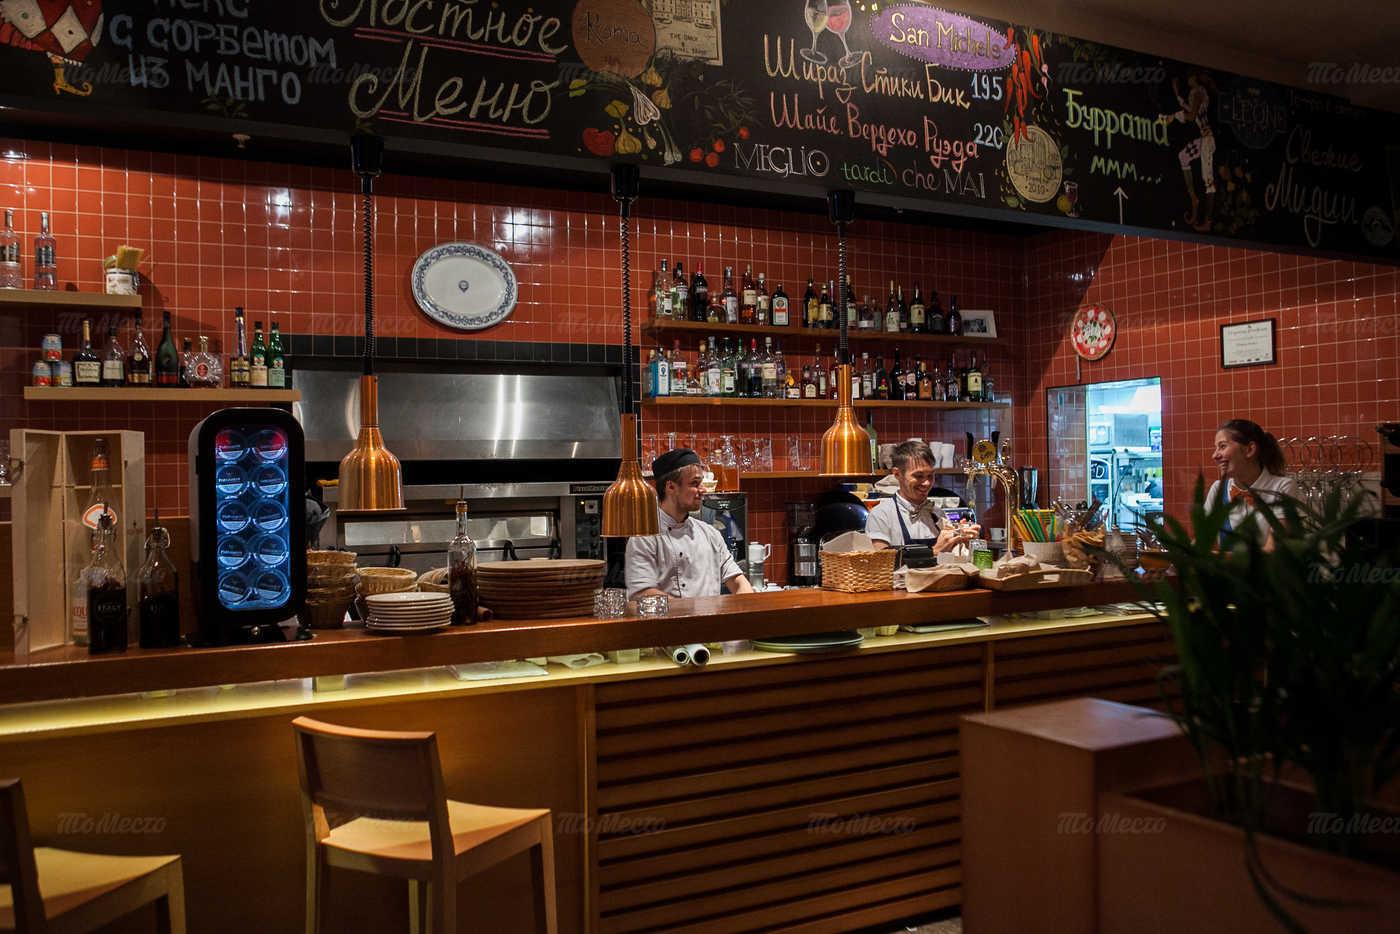 Меню ресторана Italy на Большом (Итали на Большом) на Большом проспекте П.С.